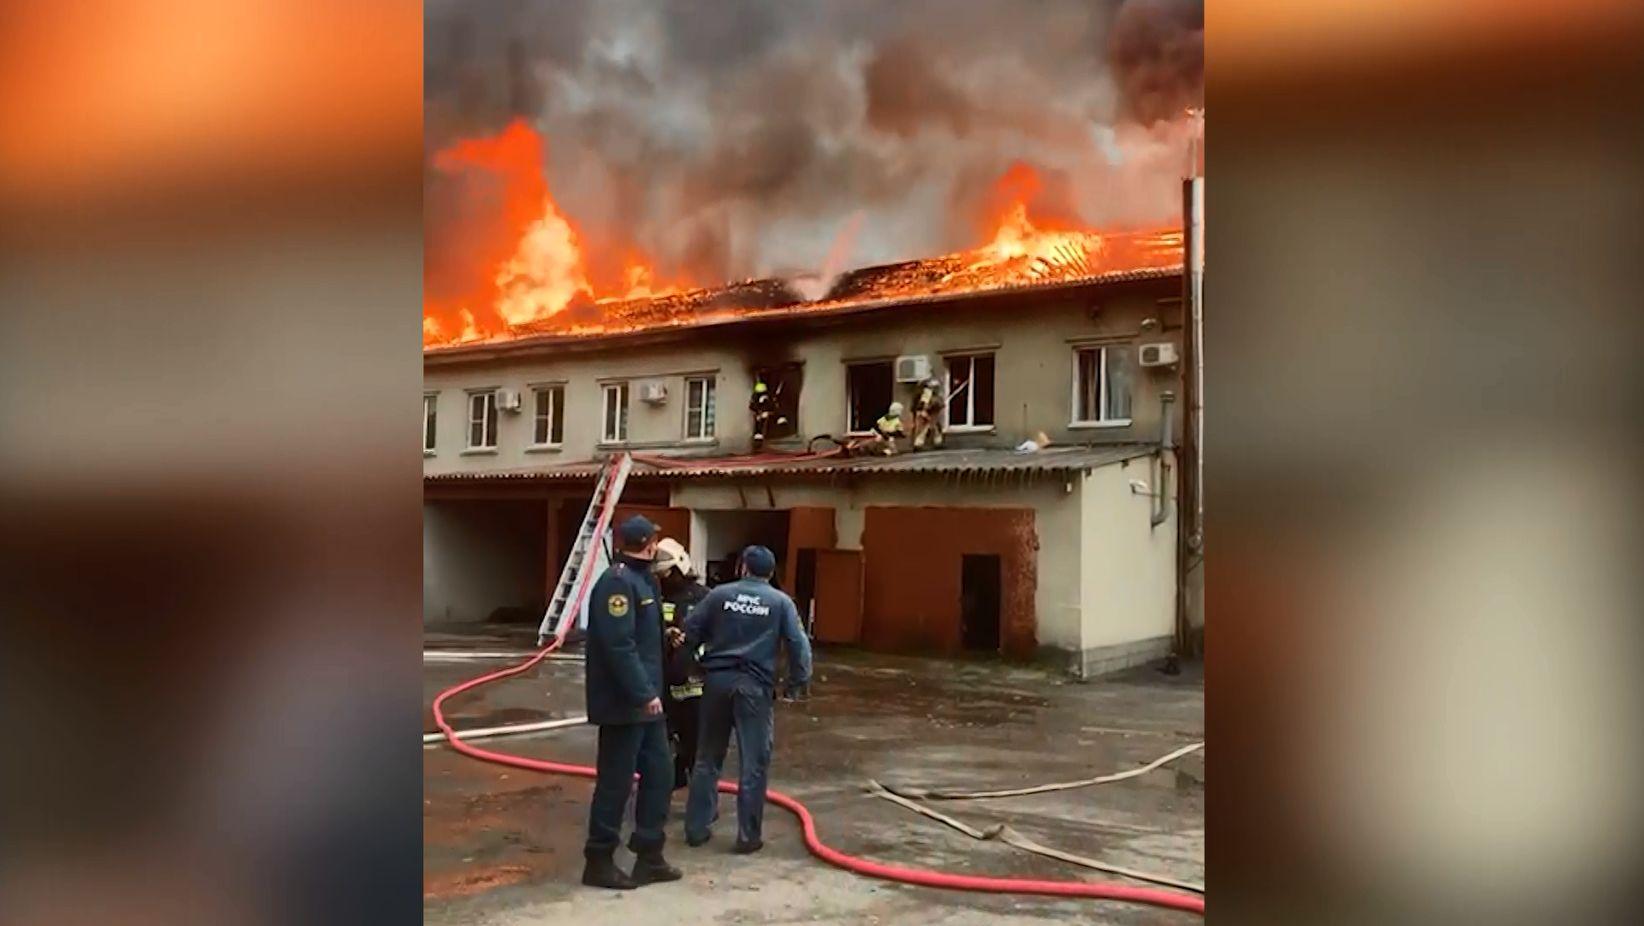 Офисные помещения горели на улице Кирпичной во Фрунзенском районе Ярославля